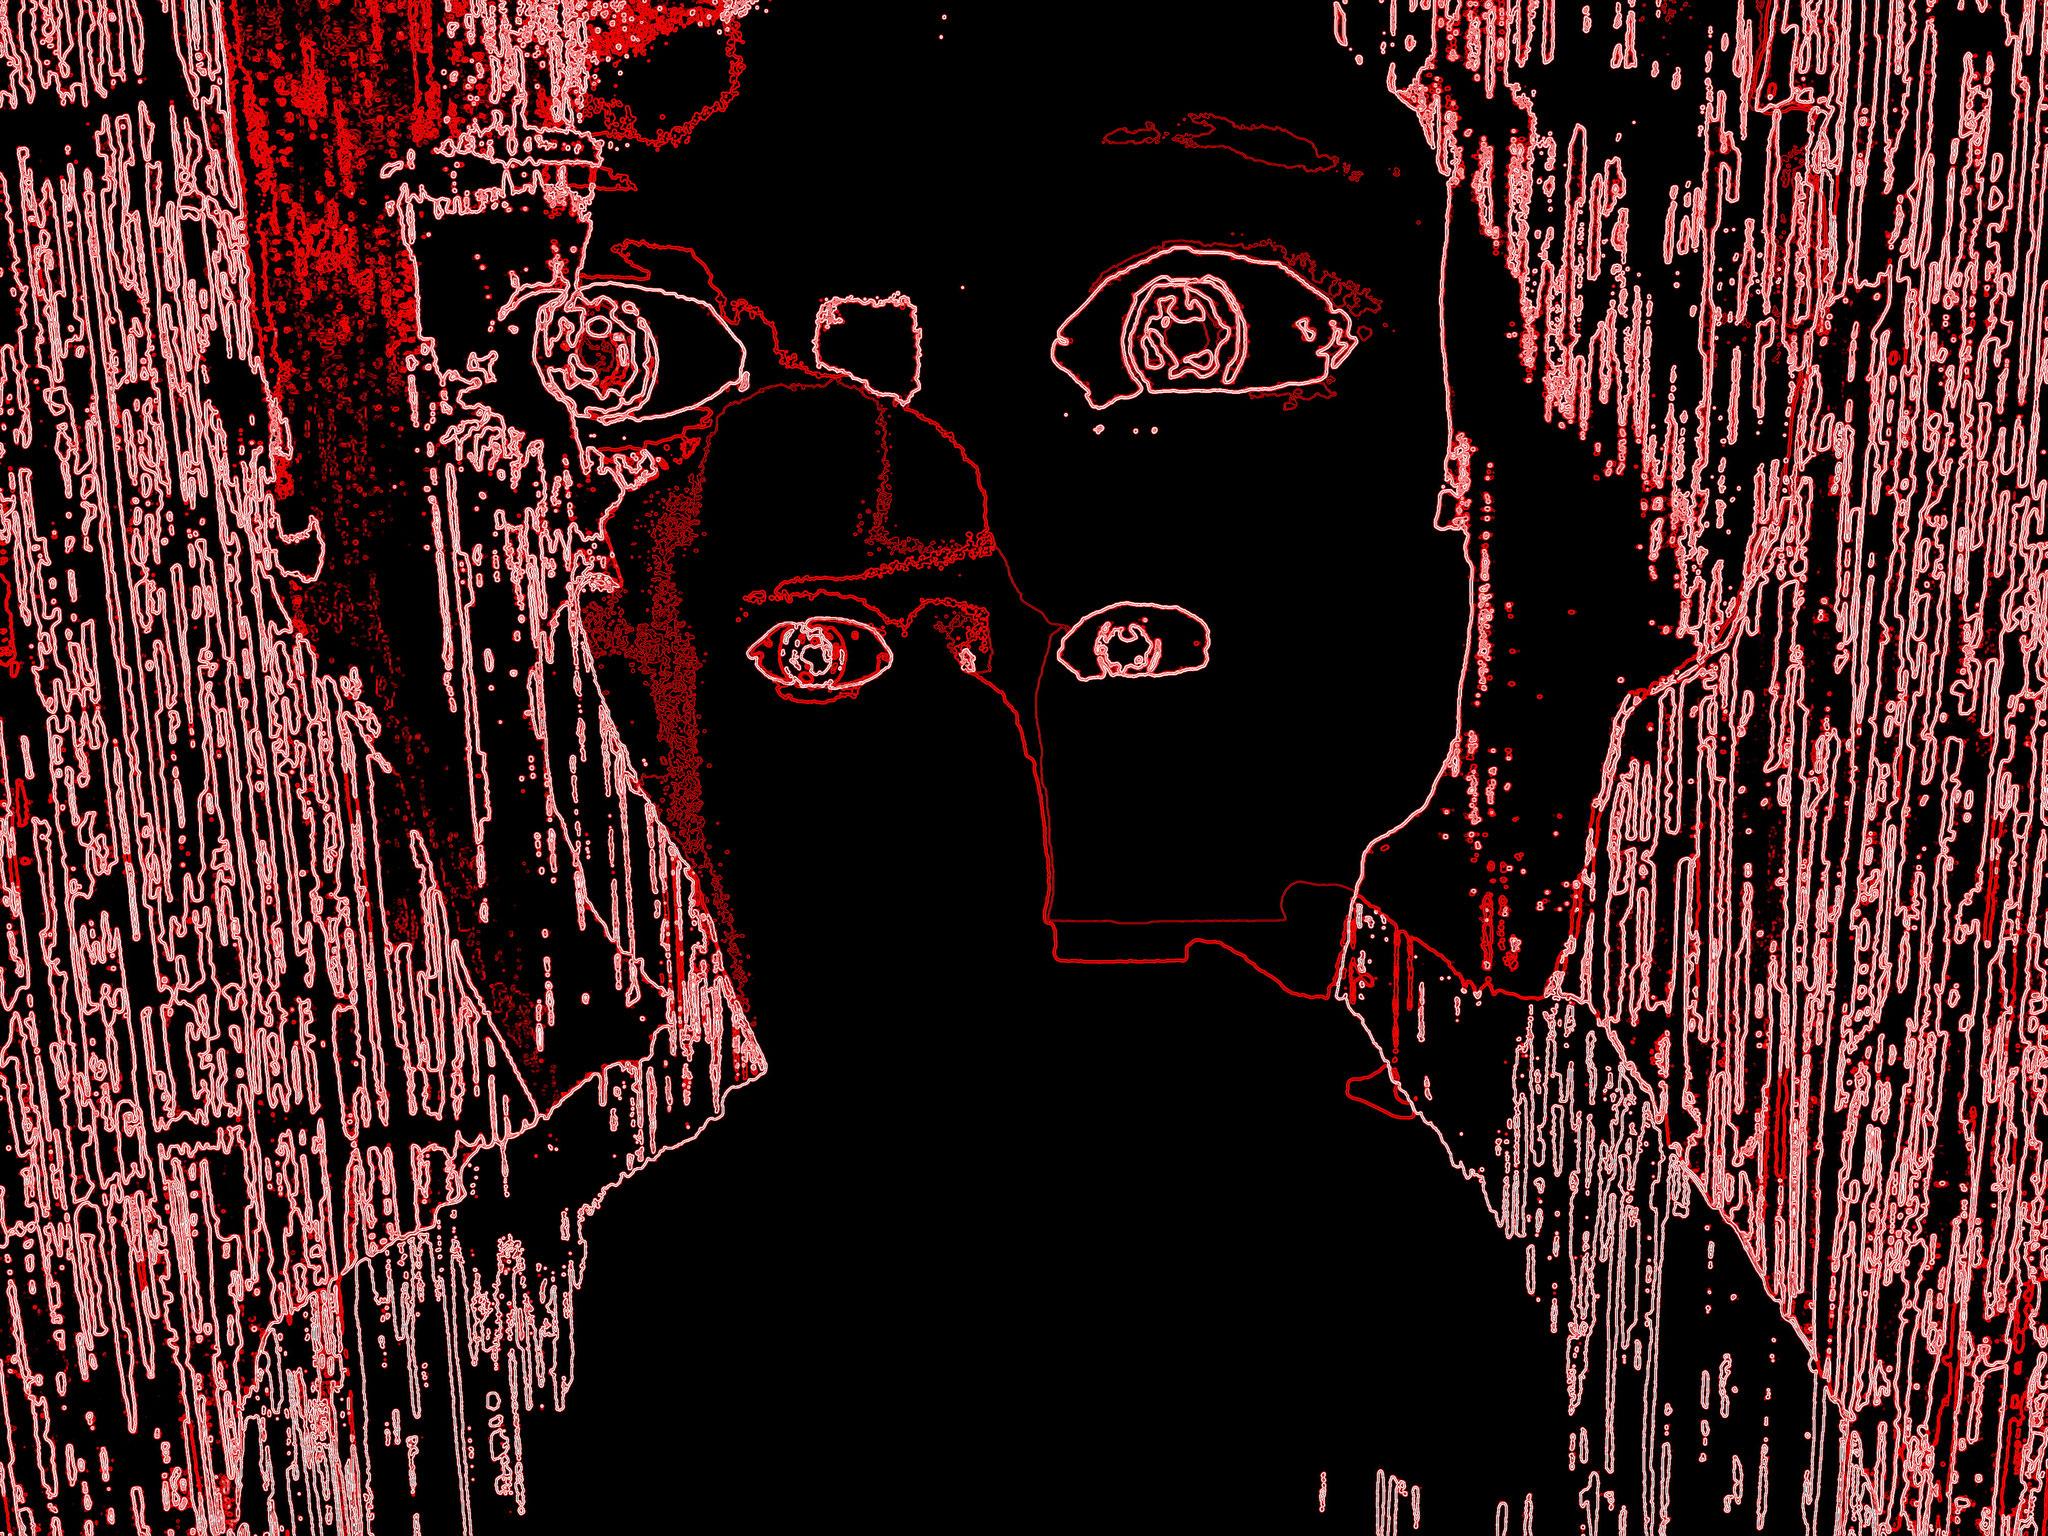 Selbstbildnis im Auge eines anderen Künstlers